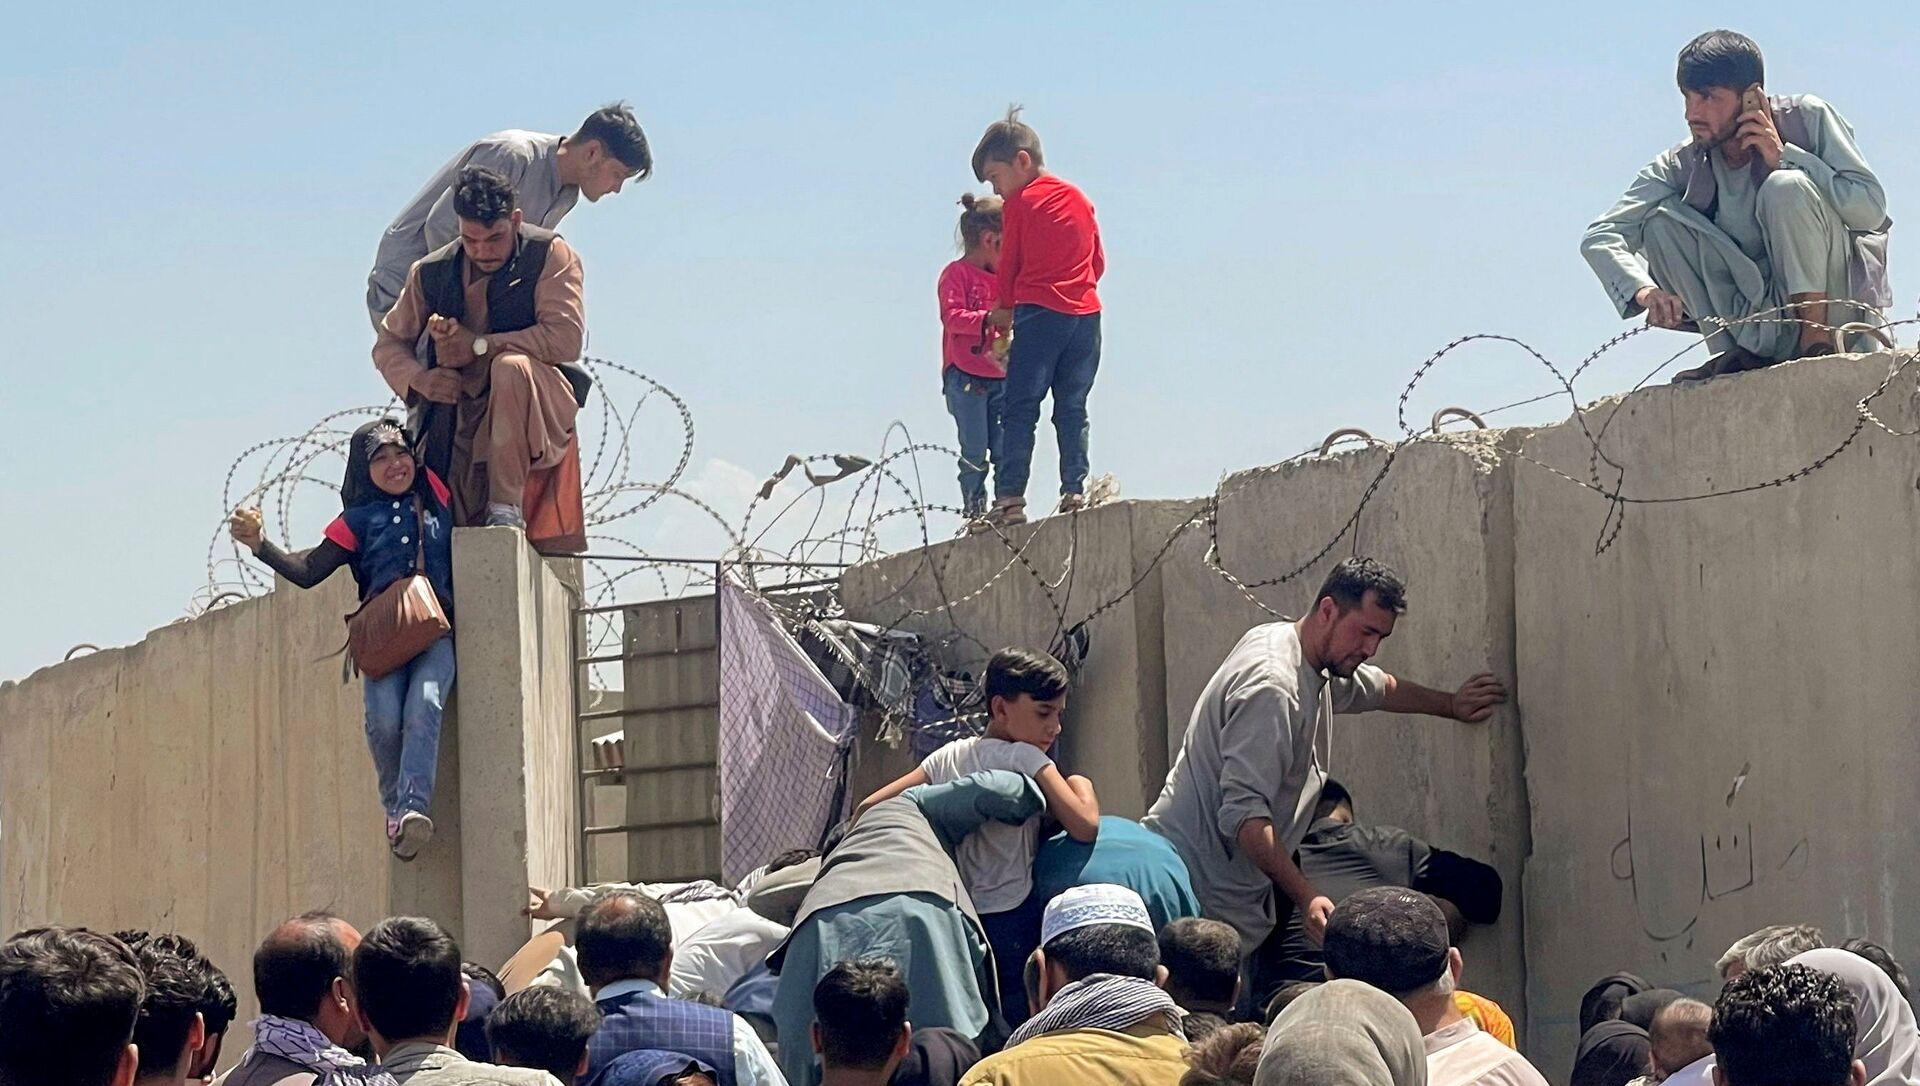 Мужчина тянет девушку, чтобы попасть в международный аэропорт имени Хамида Карзая в Кабуле, Афганистан, 16 августа 2021 года. - Sputnik Абхазия, 1920, 16.08.2021